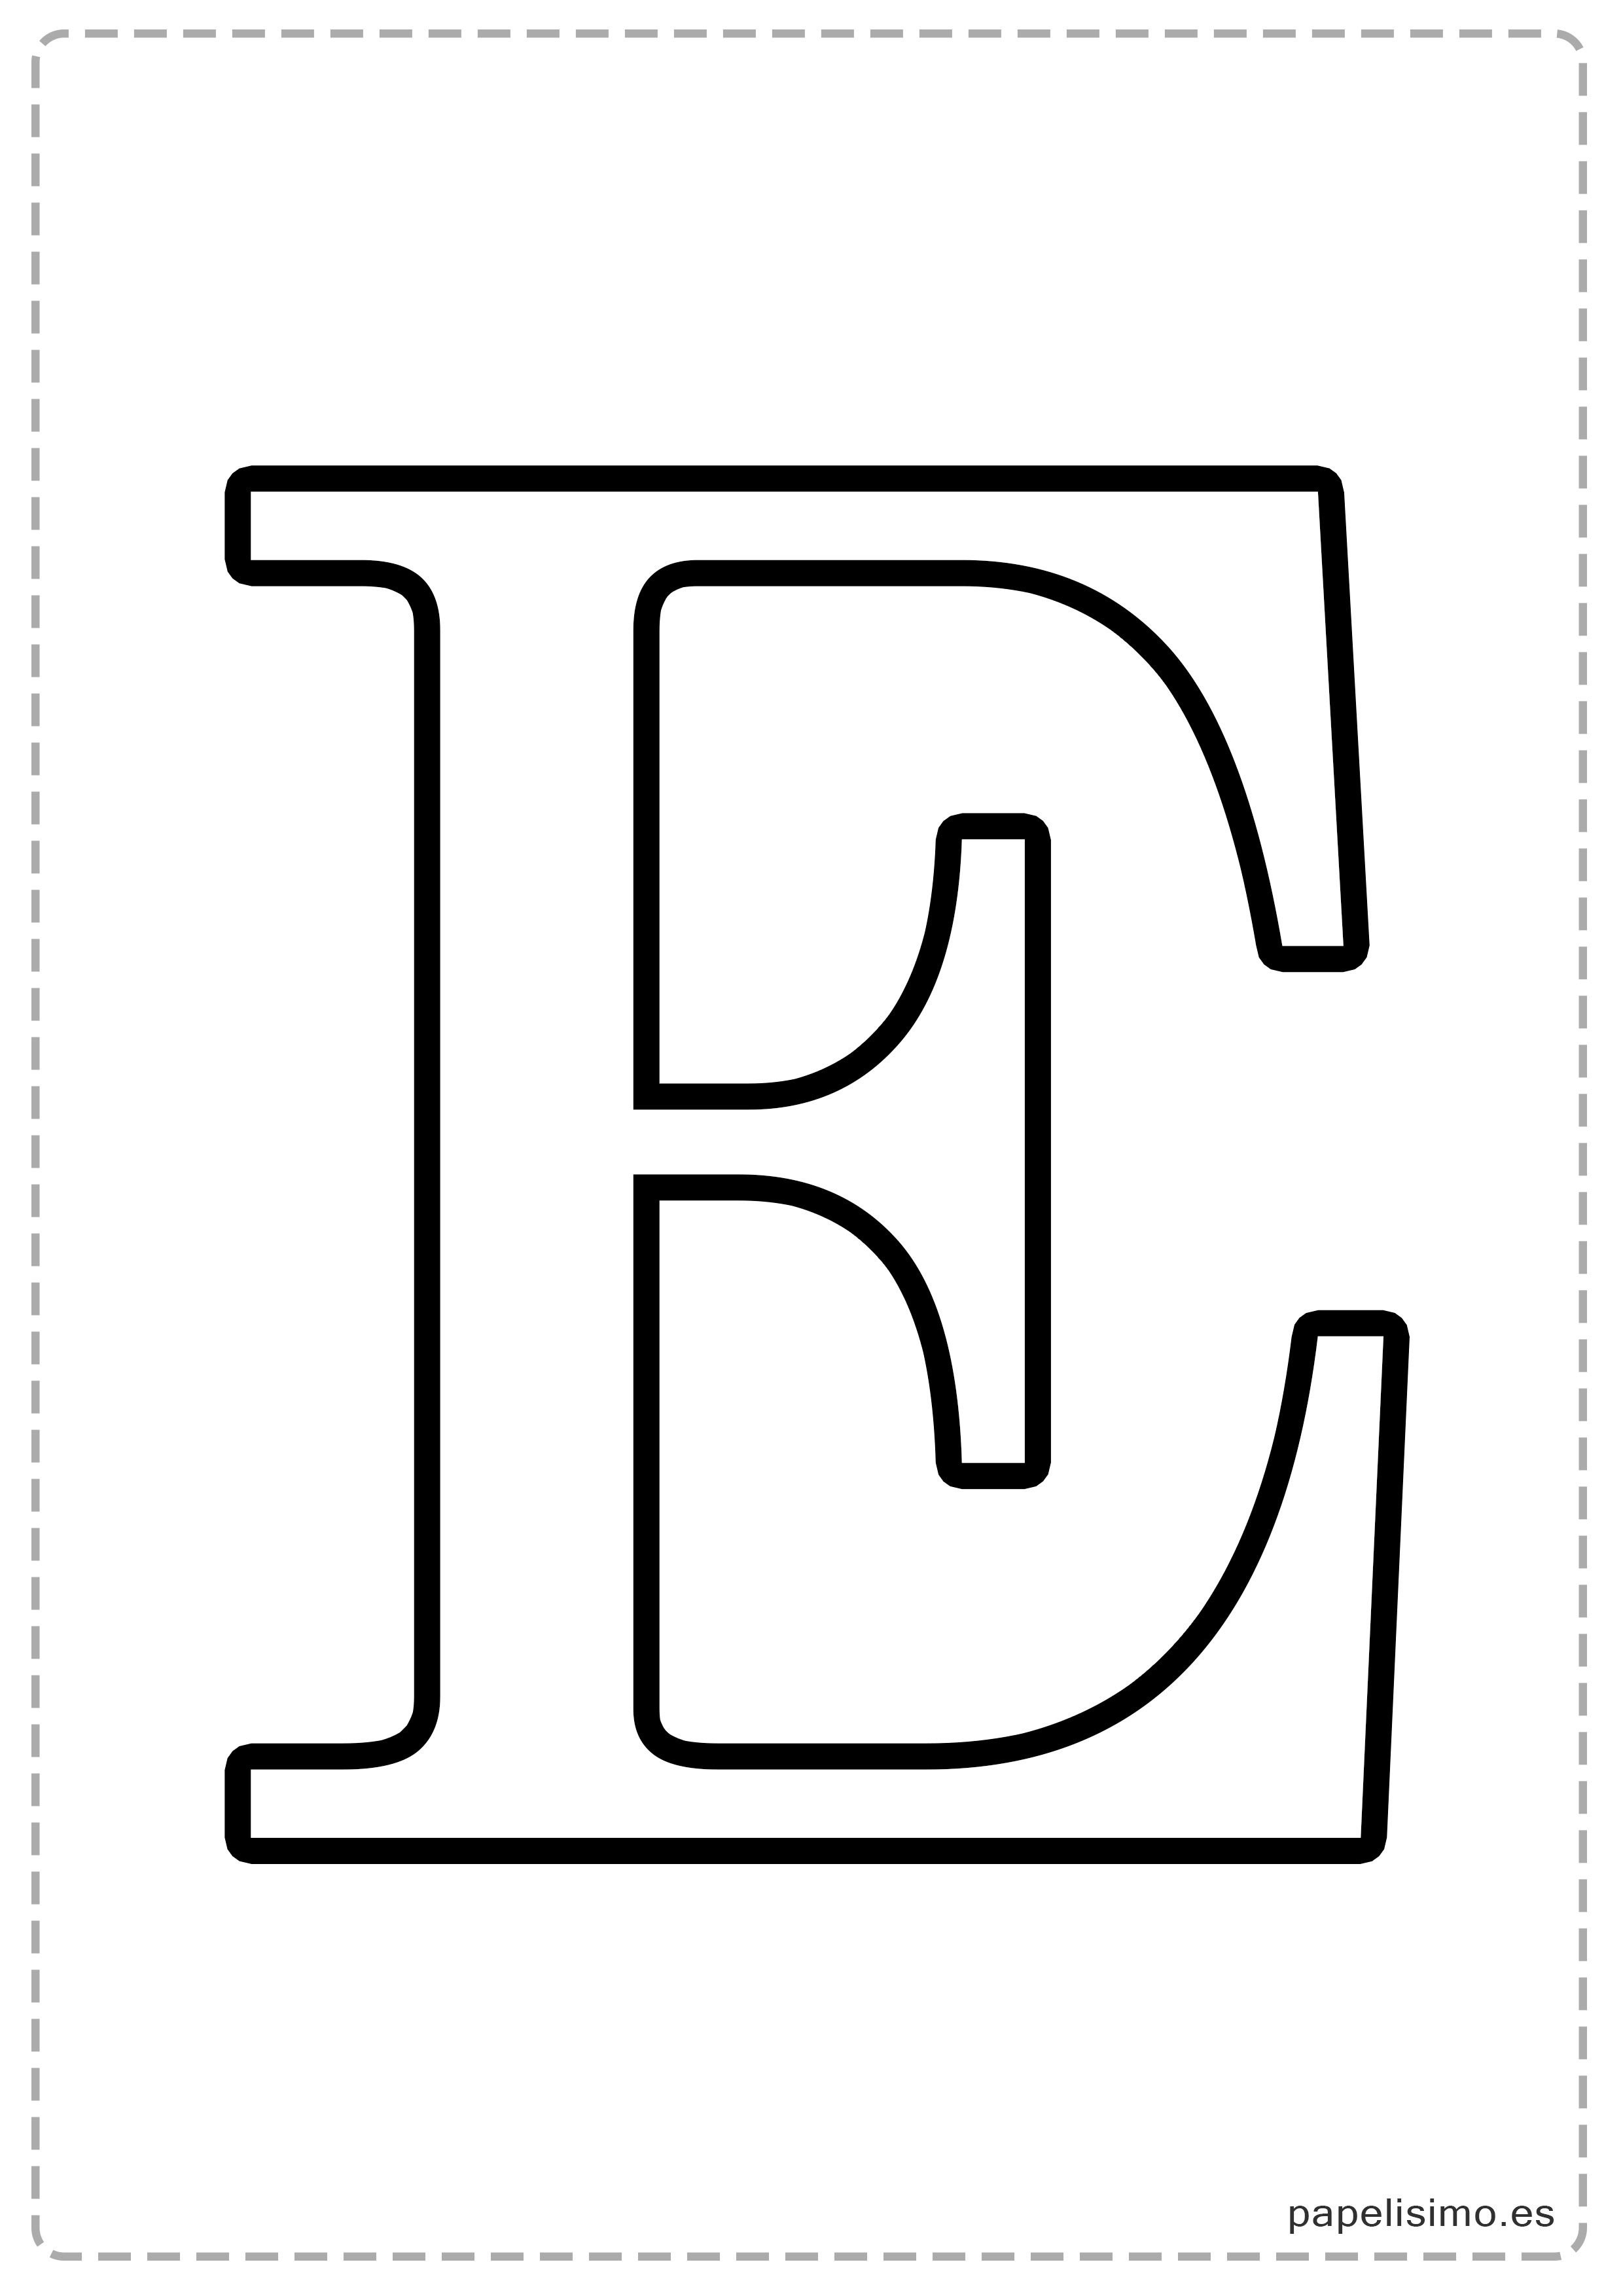 E Abecedario Letras Grandes Imprimir Mayusculas Jpg 2480 3508